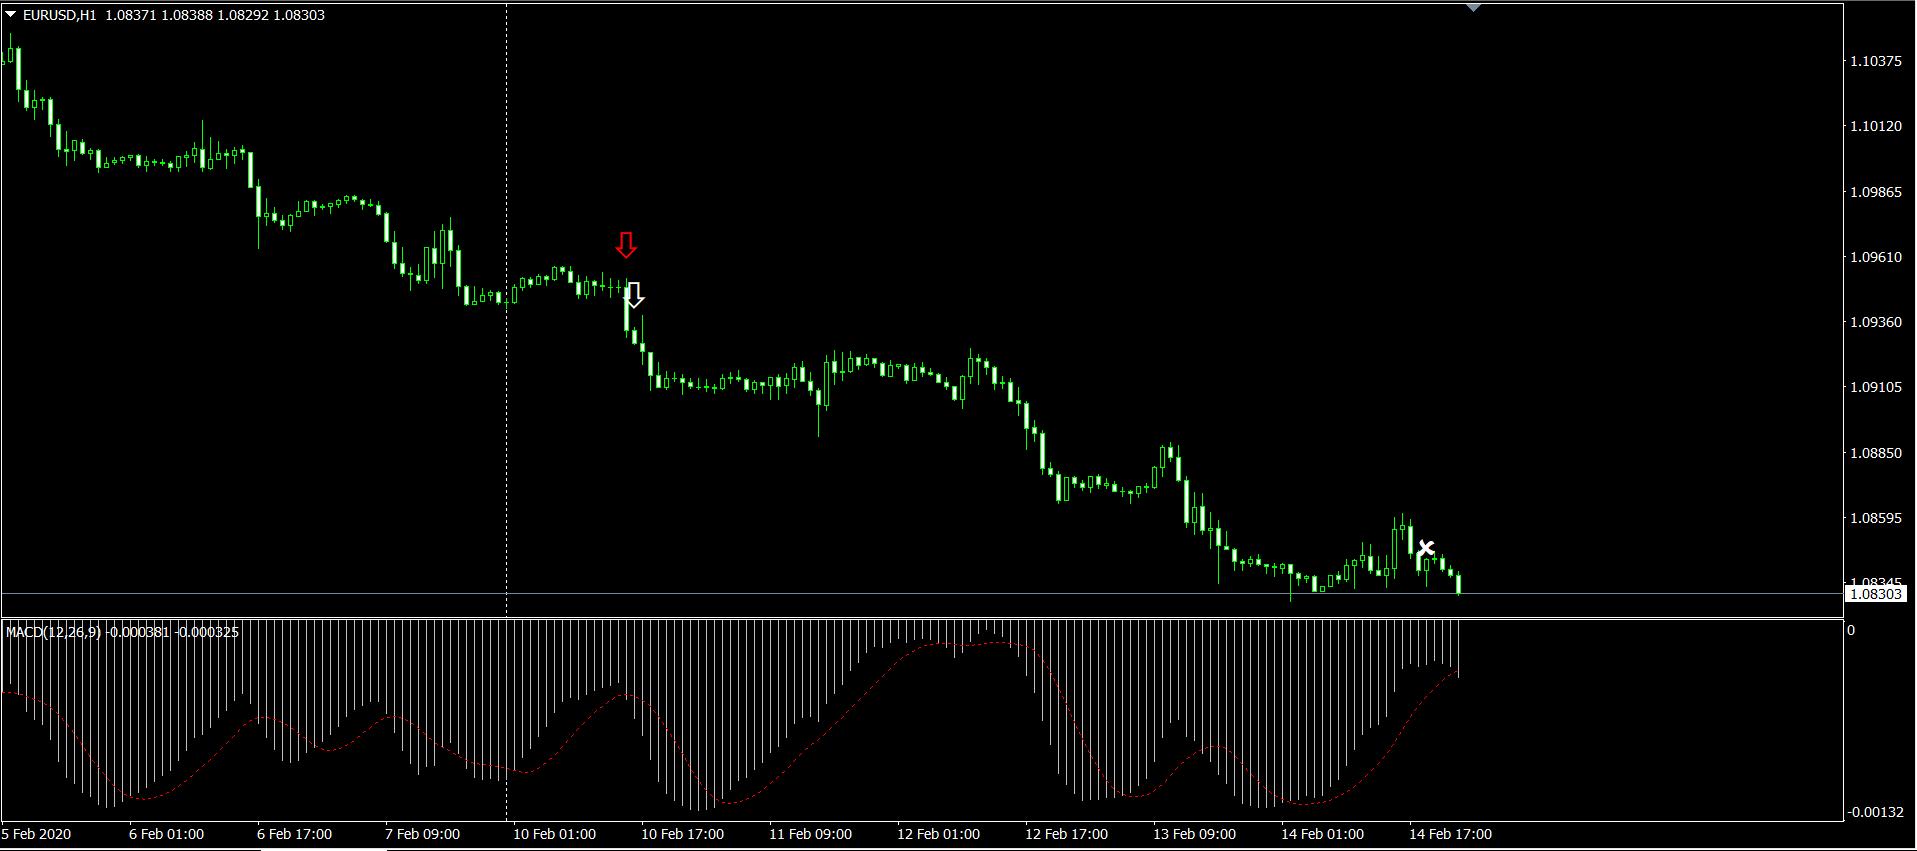 EURUSD 1時間足のチャート画面